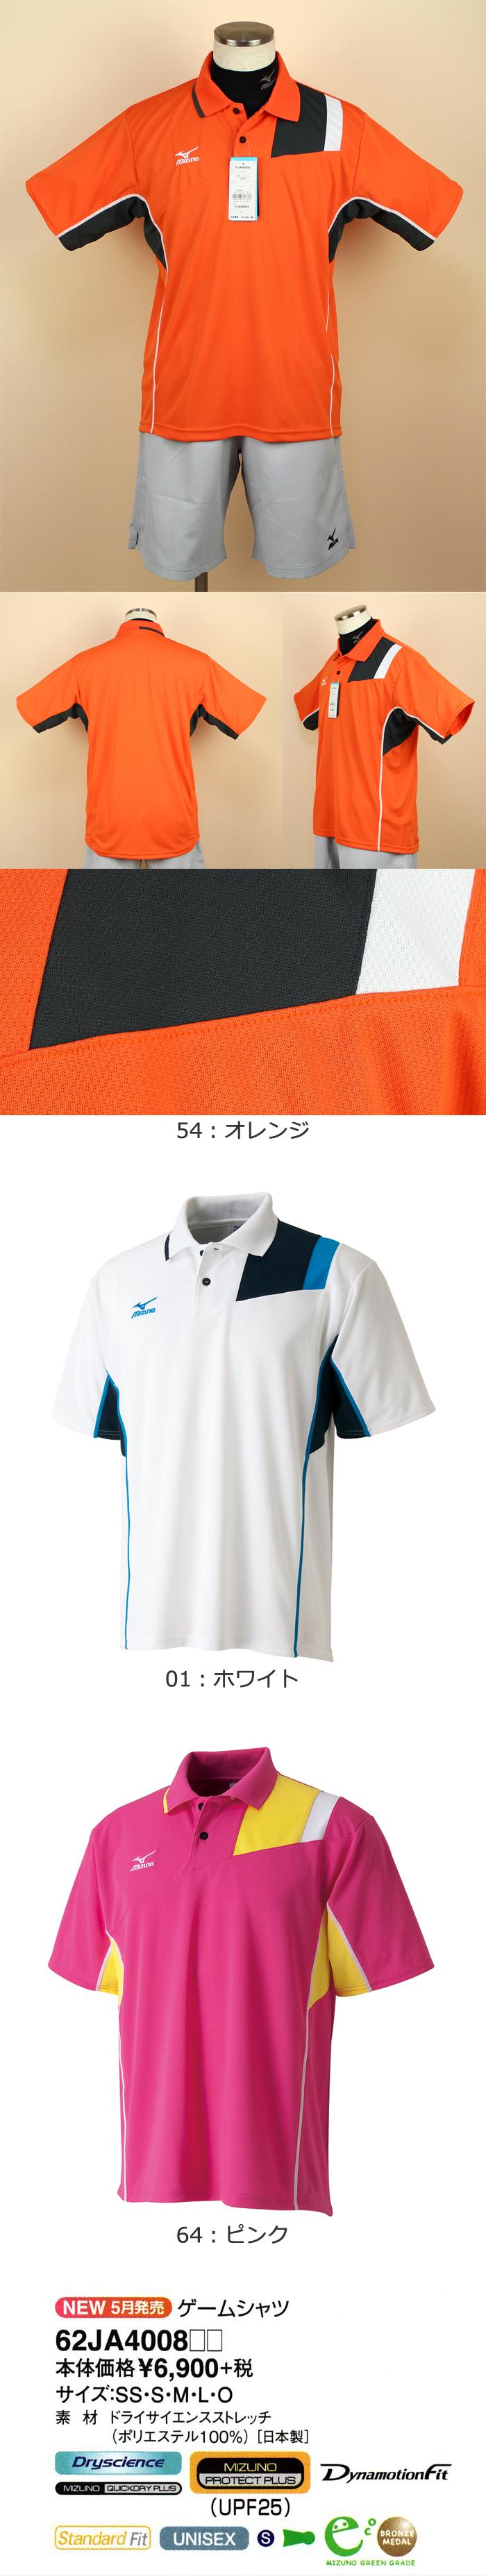 http://youspo.on.arena.ne.jp/newproduct/MIZUNO/62JA4008/62JA4008.jpg